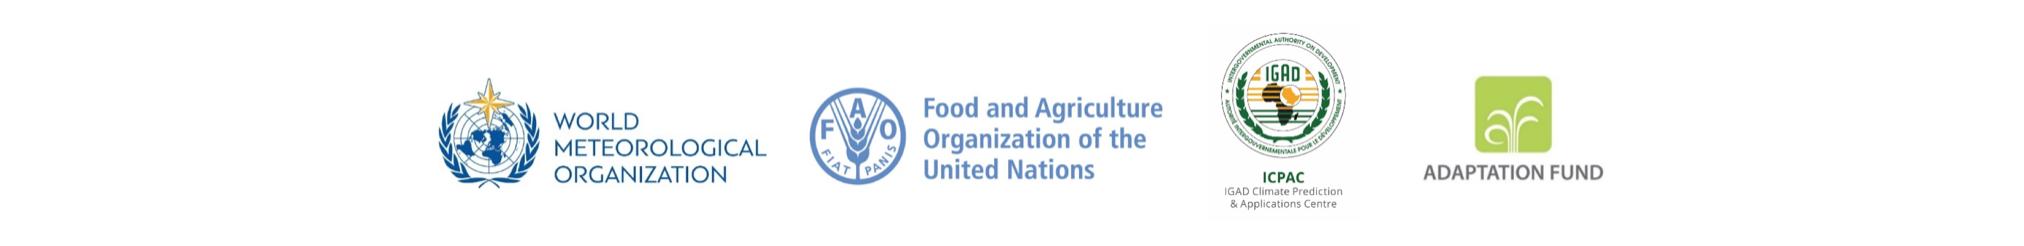 Regional FFS Case Study Logos